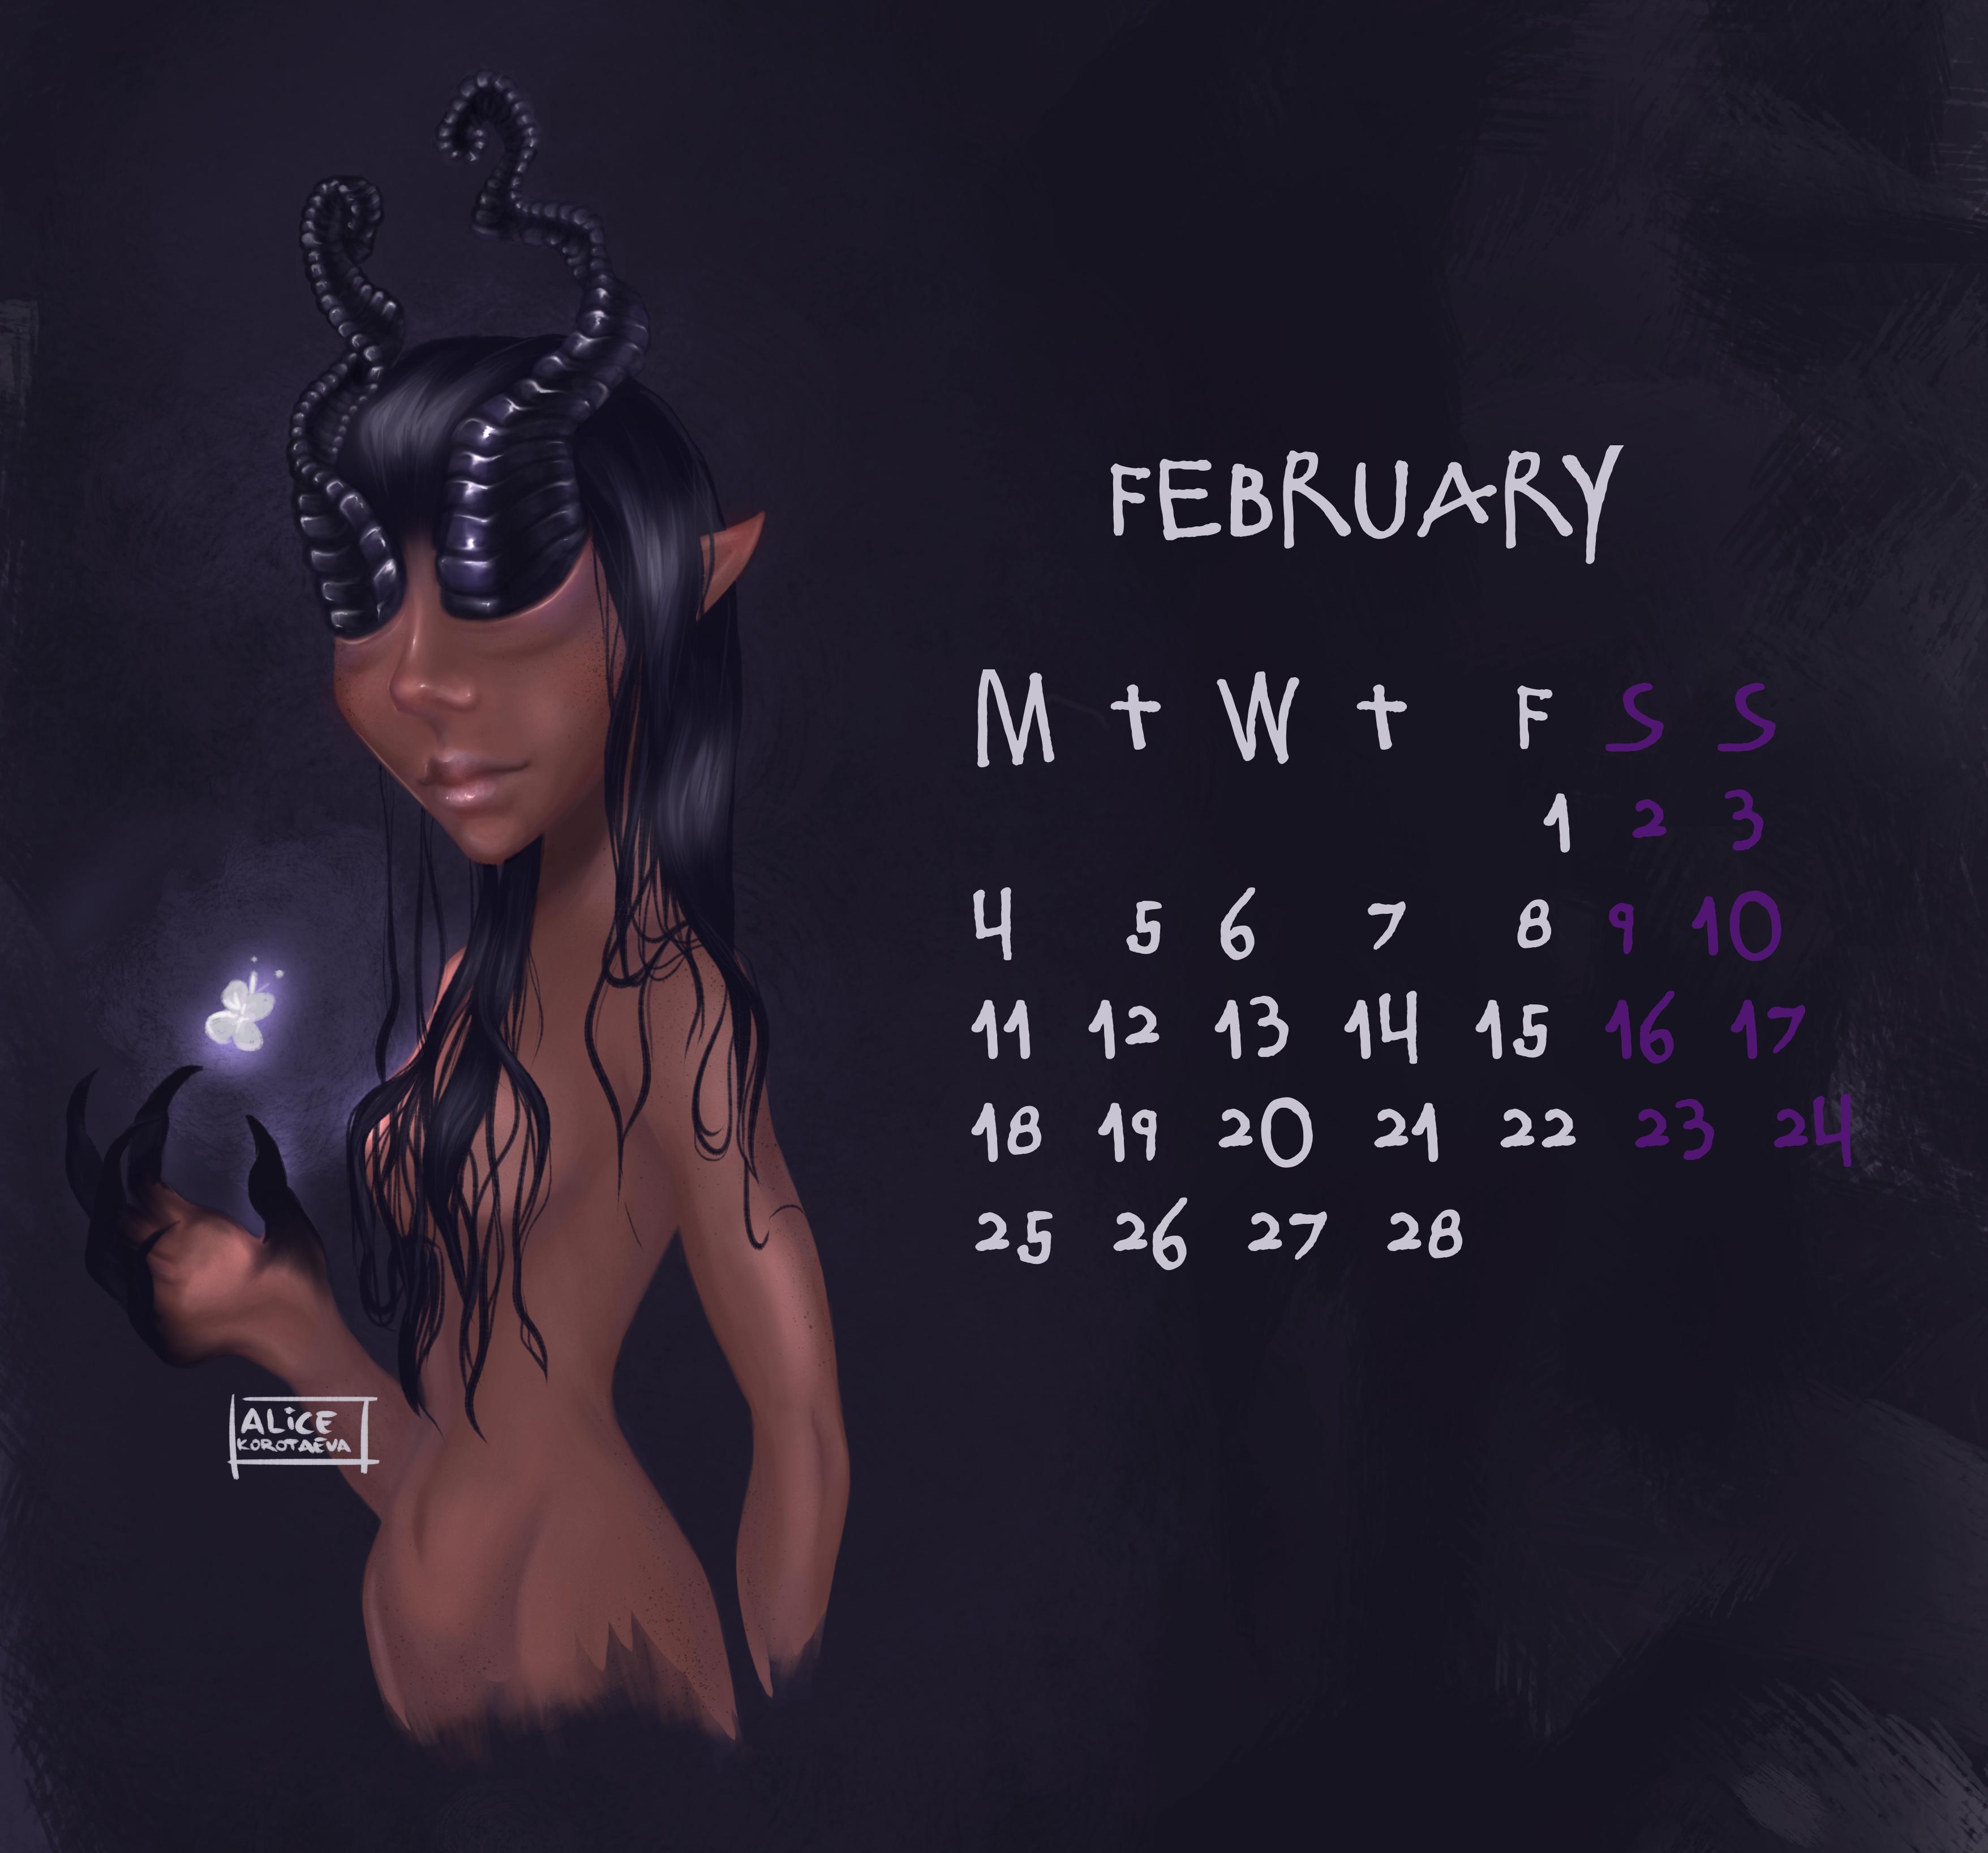 February calendar girl